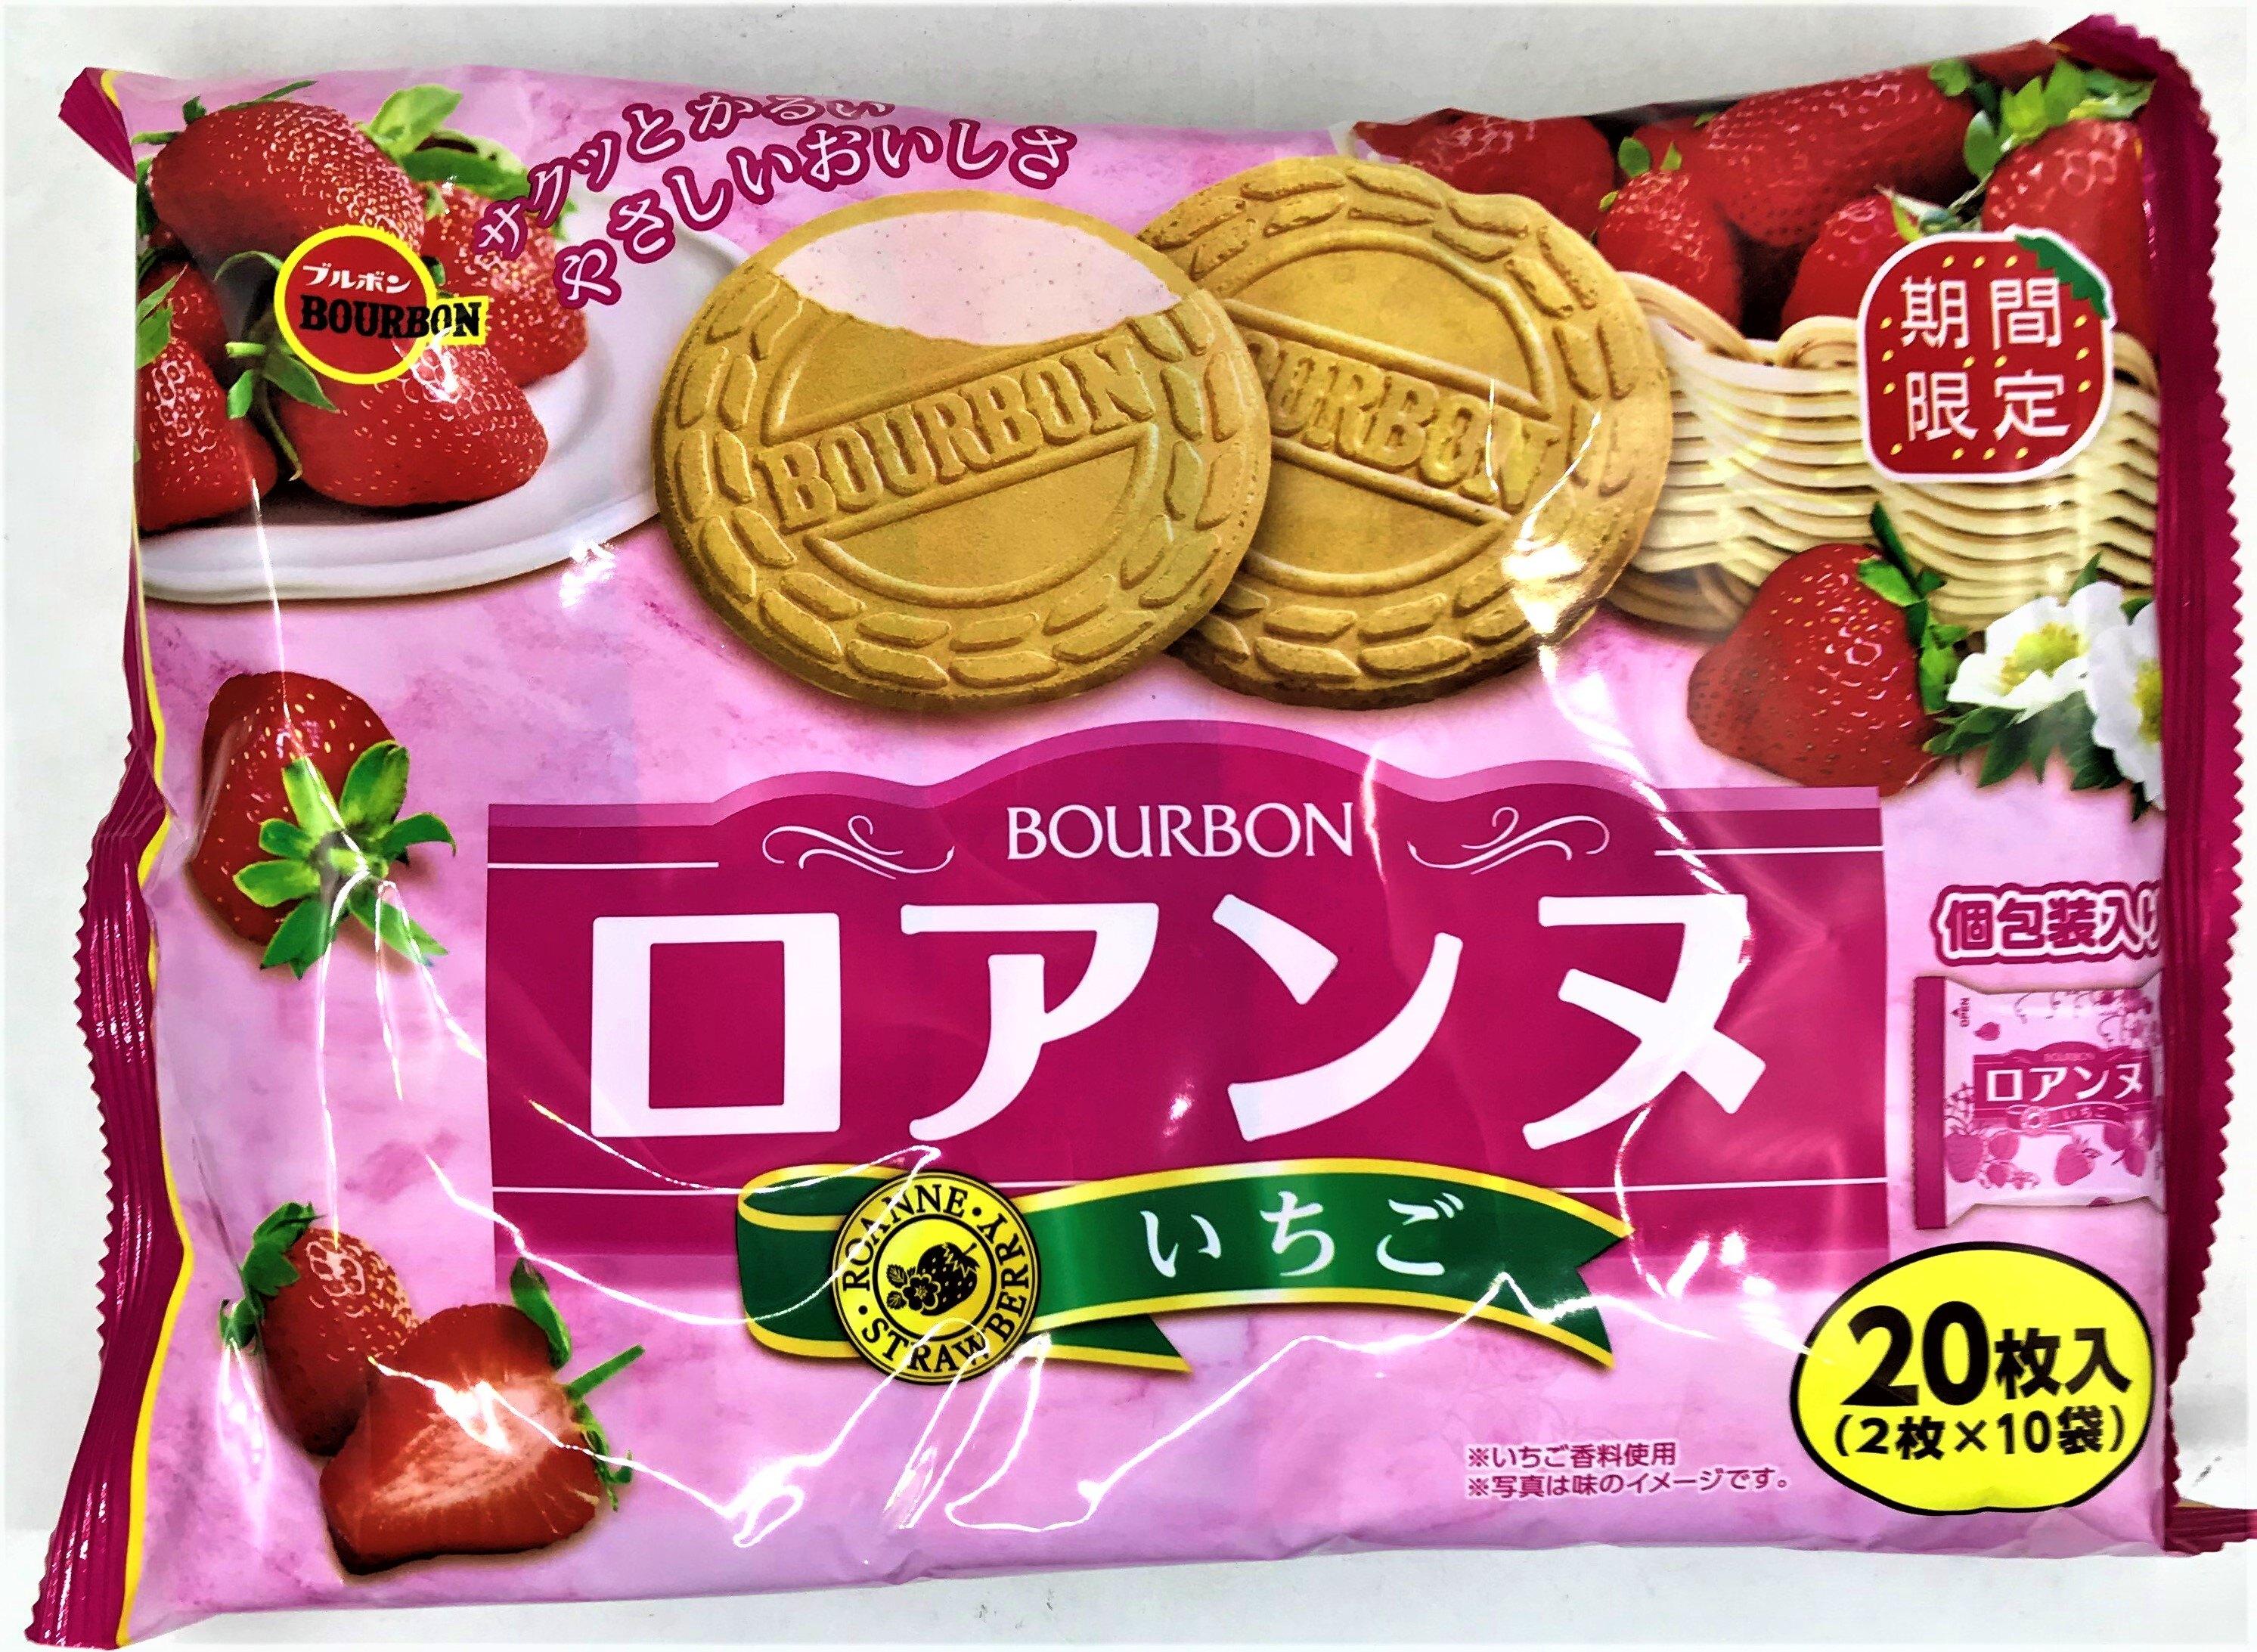 [哈日小丸子]北日本草莓法蘭酥(2枚*10袋)